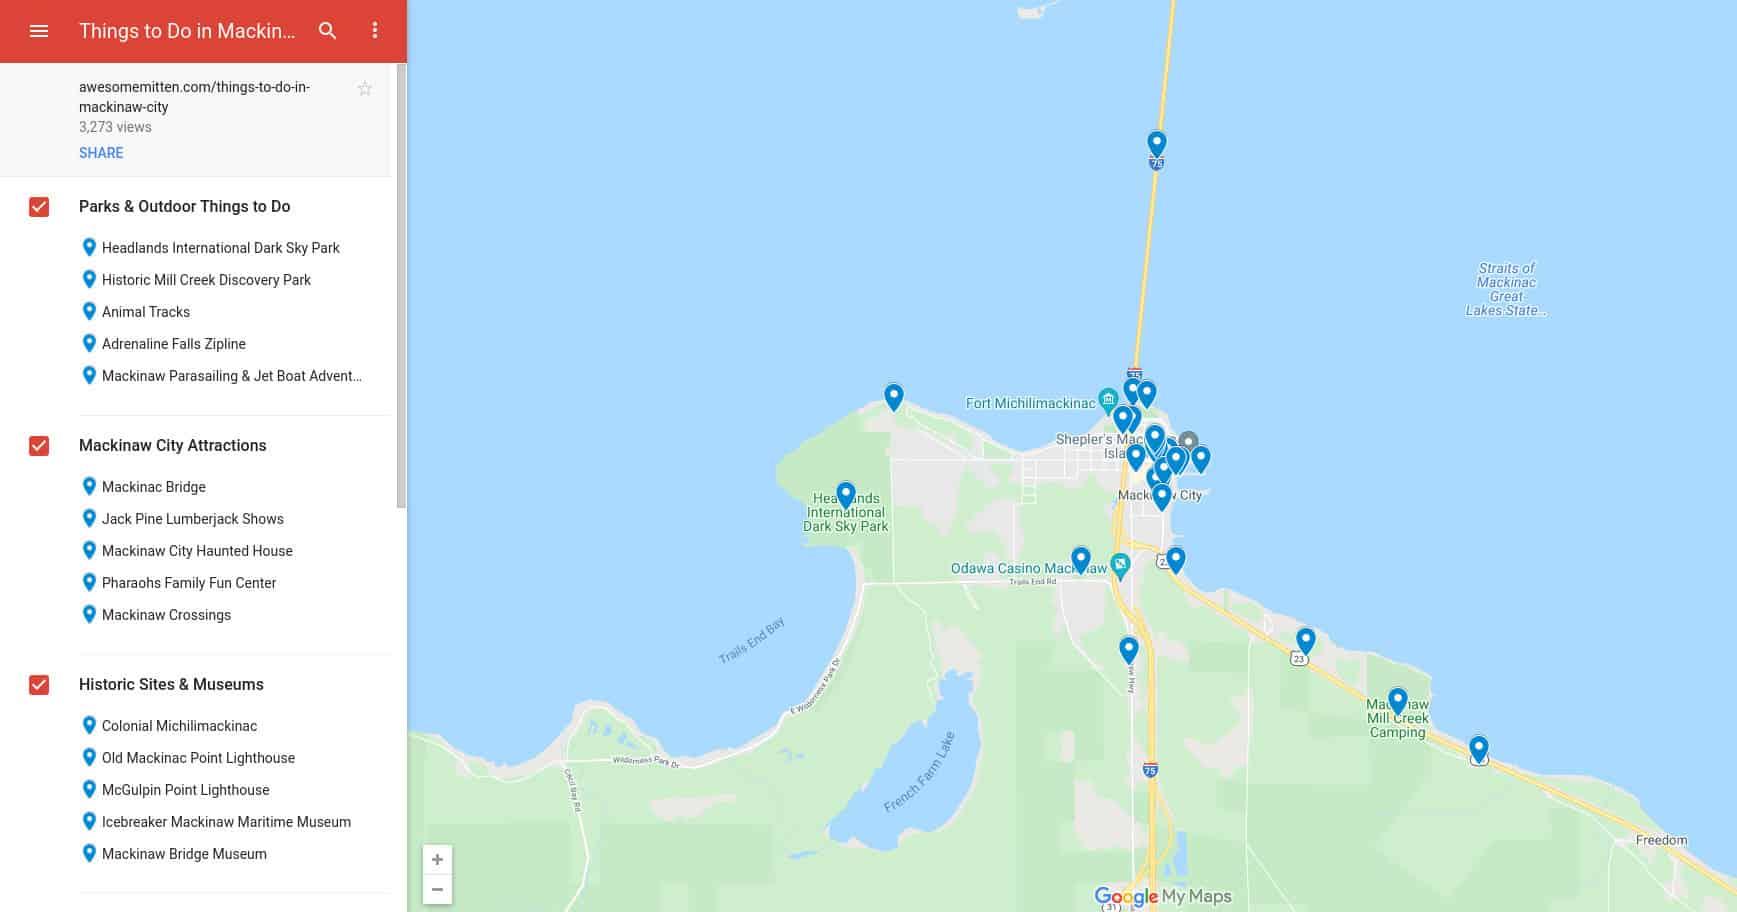 Things to Do in Mackinaw City screenshot